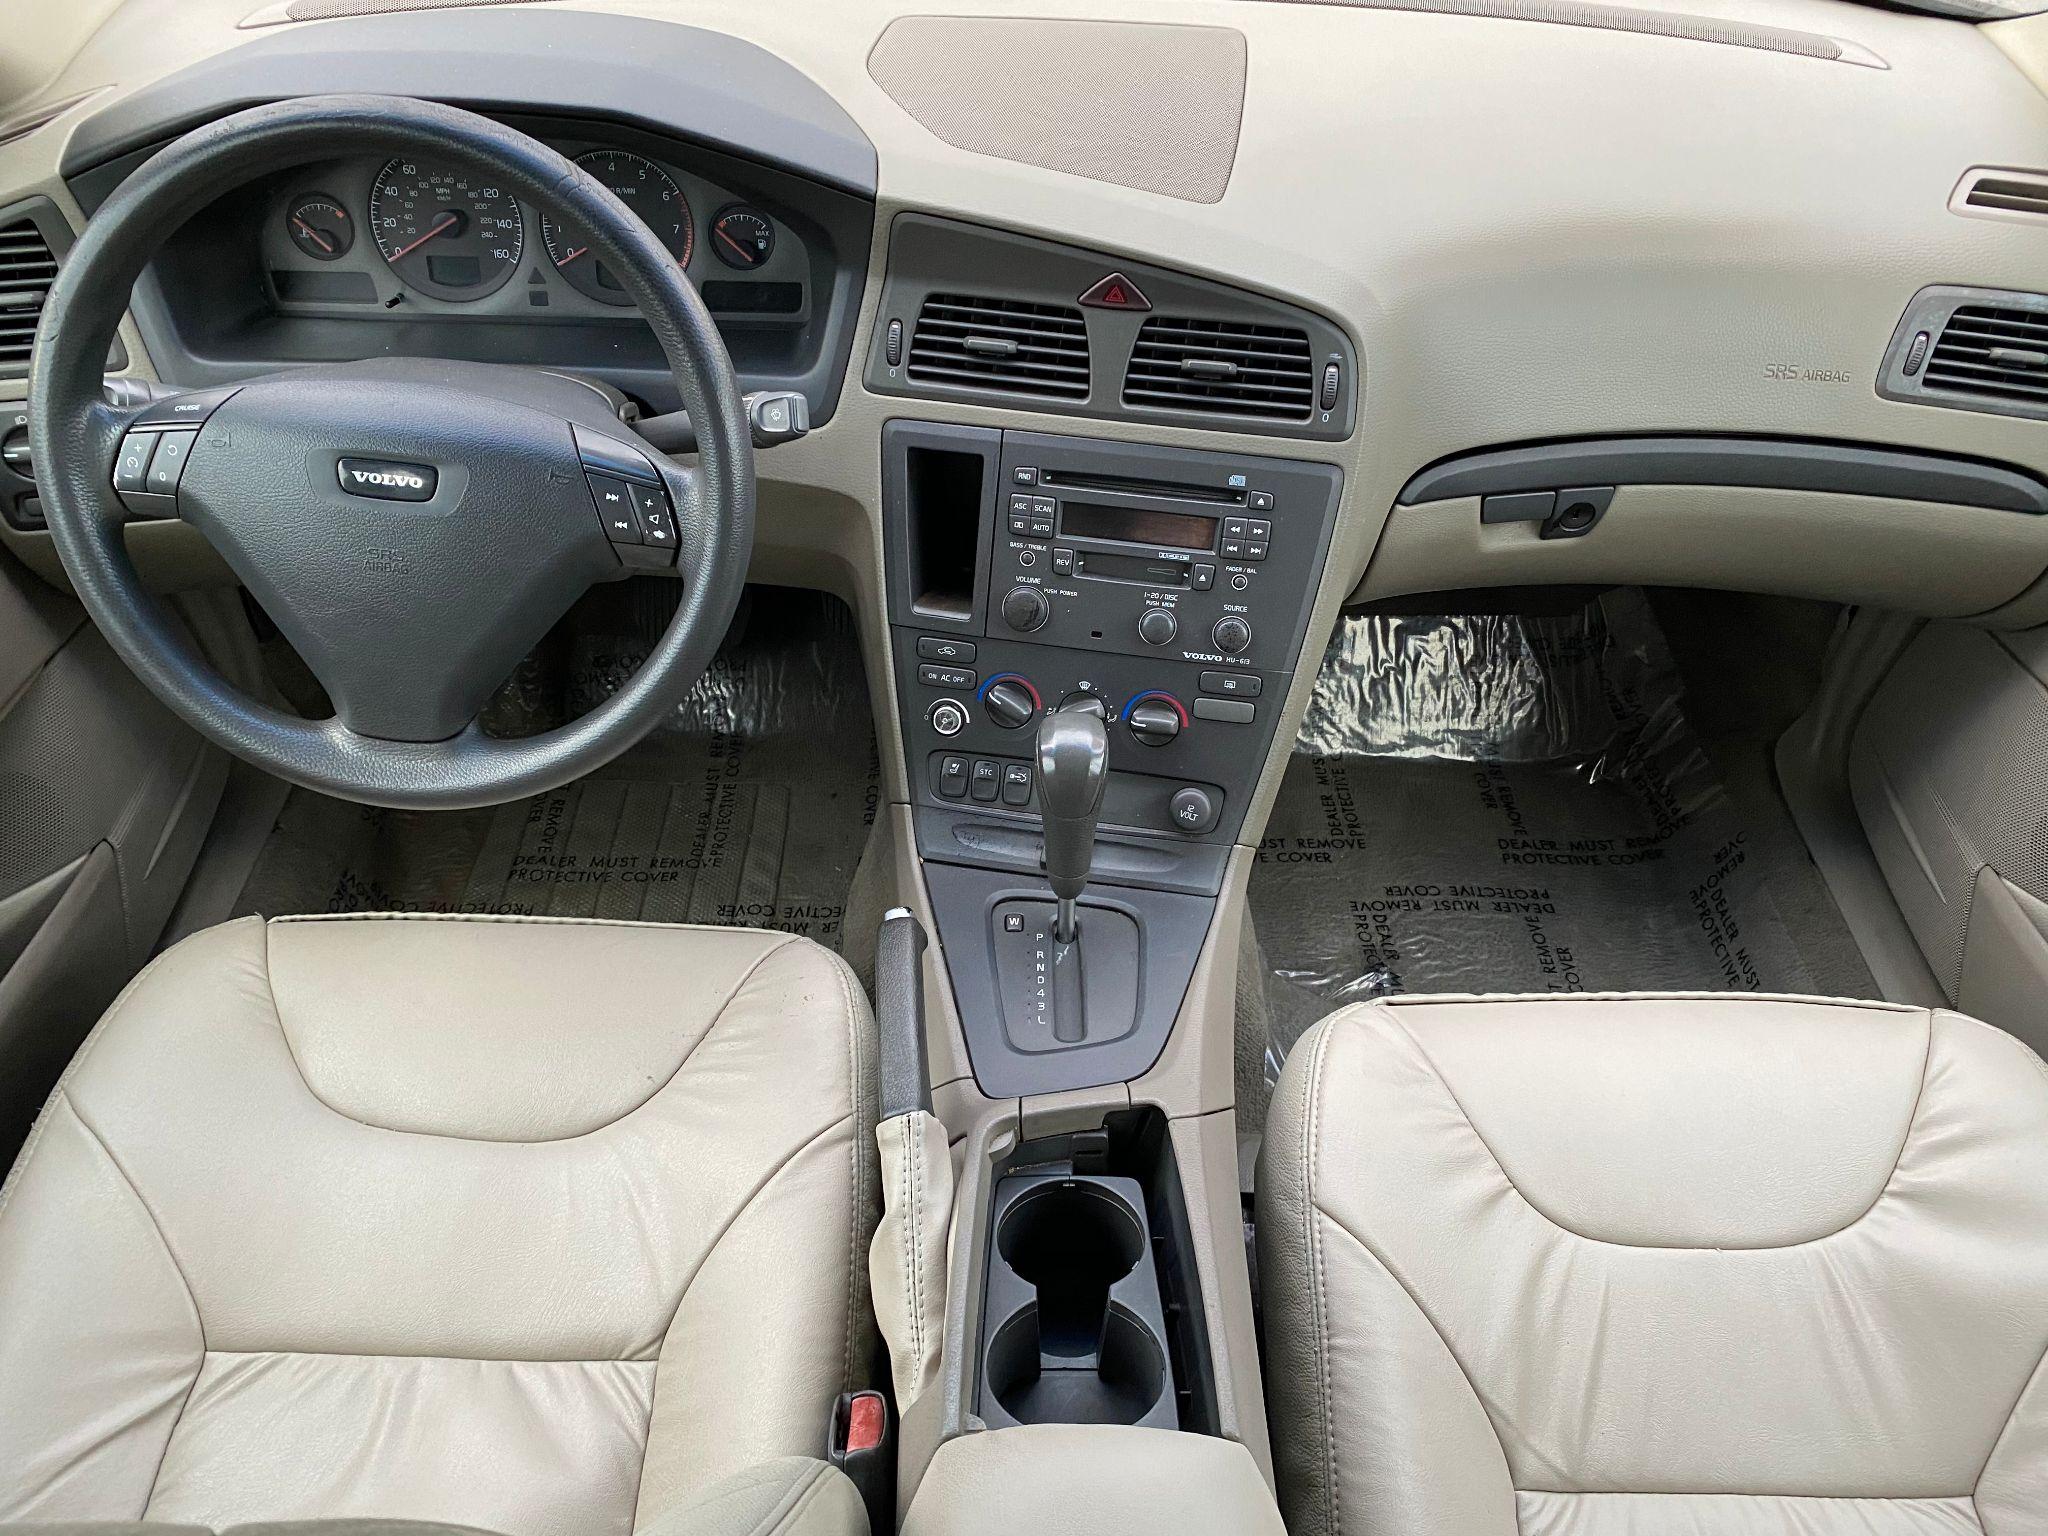 2002 Volvo S60 2.4